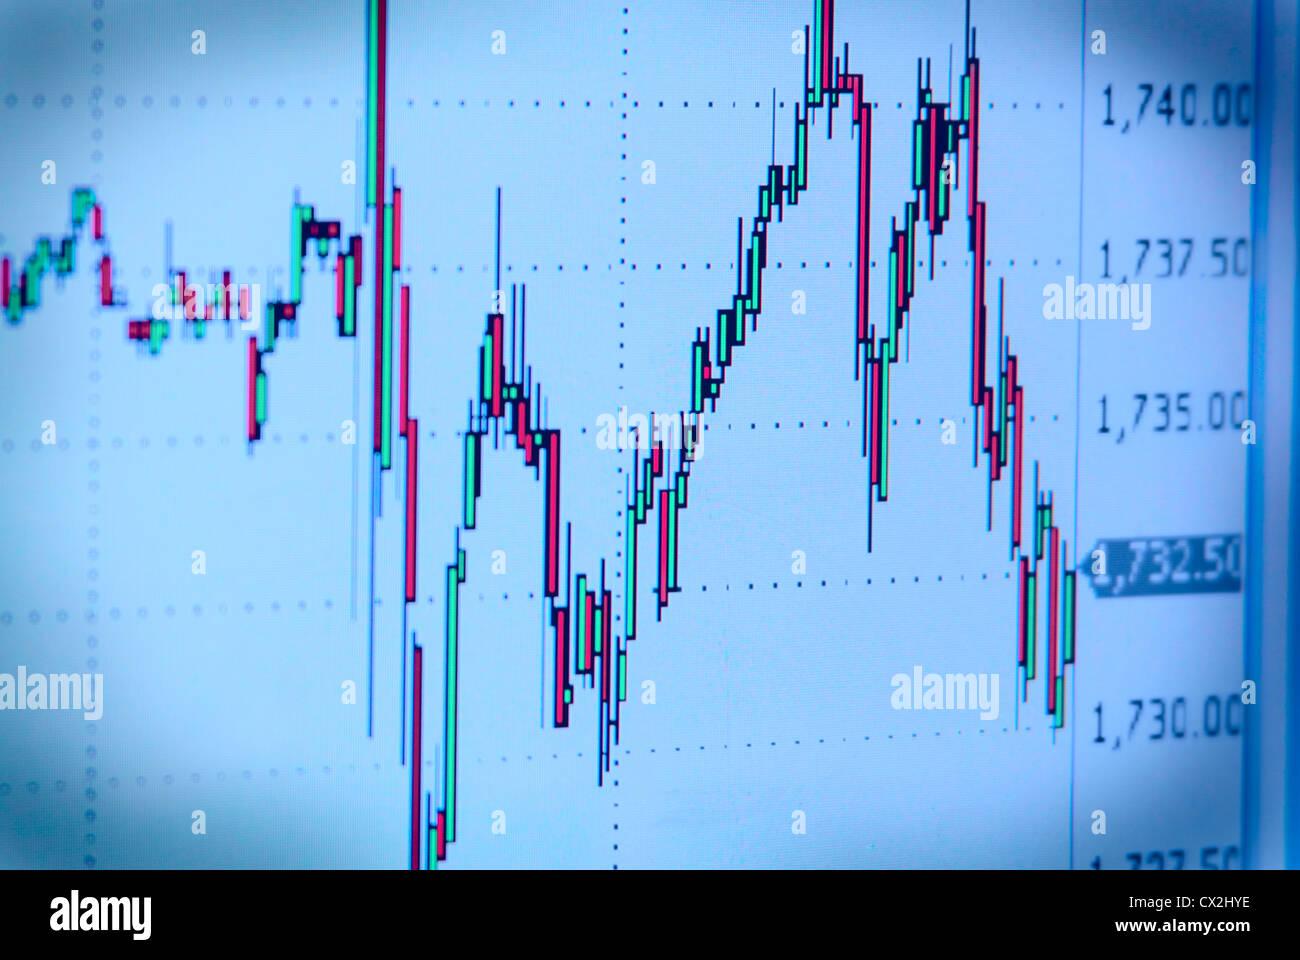 Antecedentes El monitor gráfico Imagen De Stock